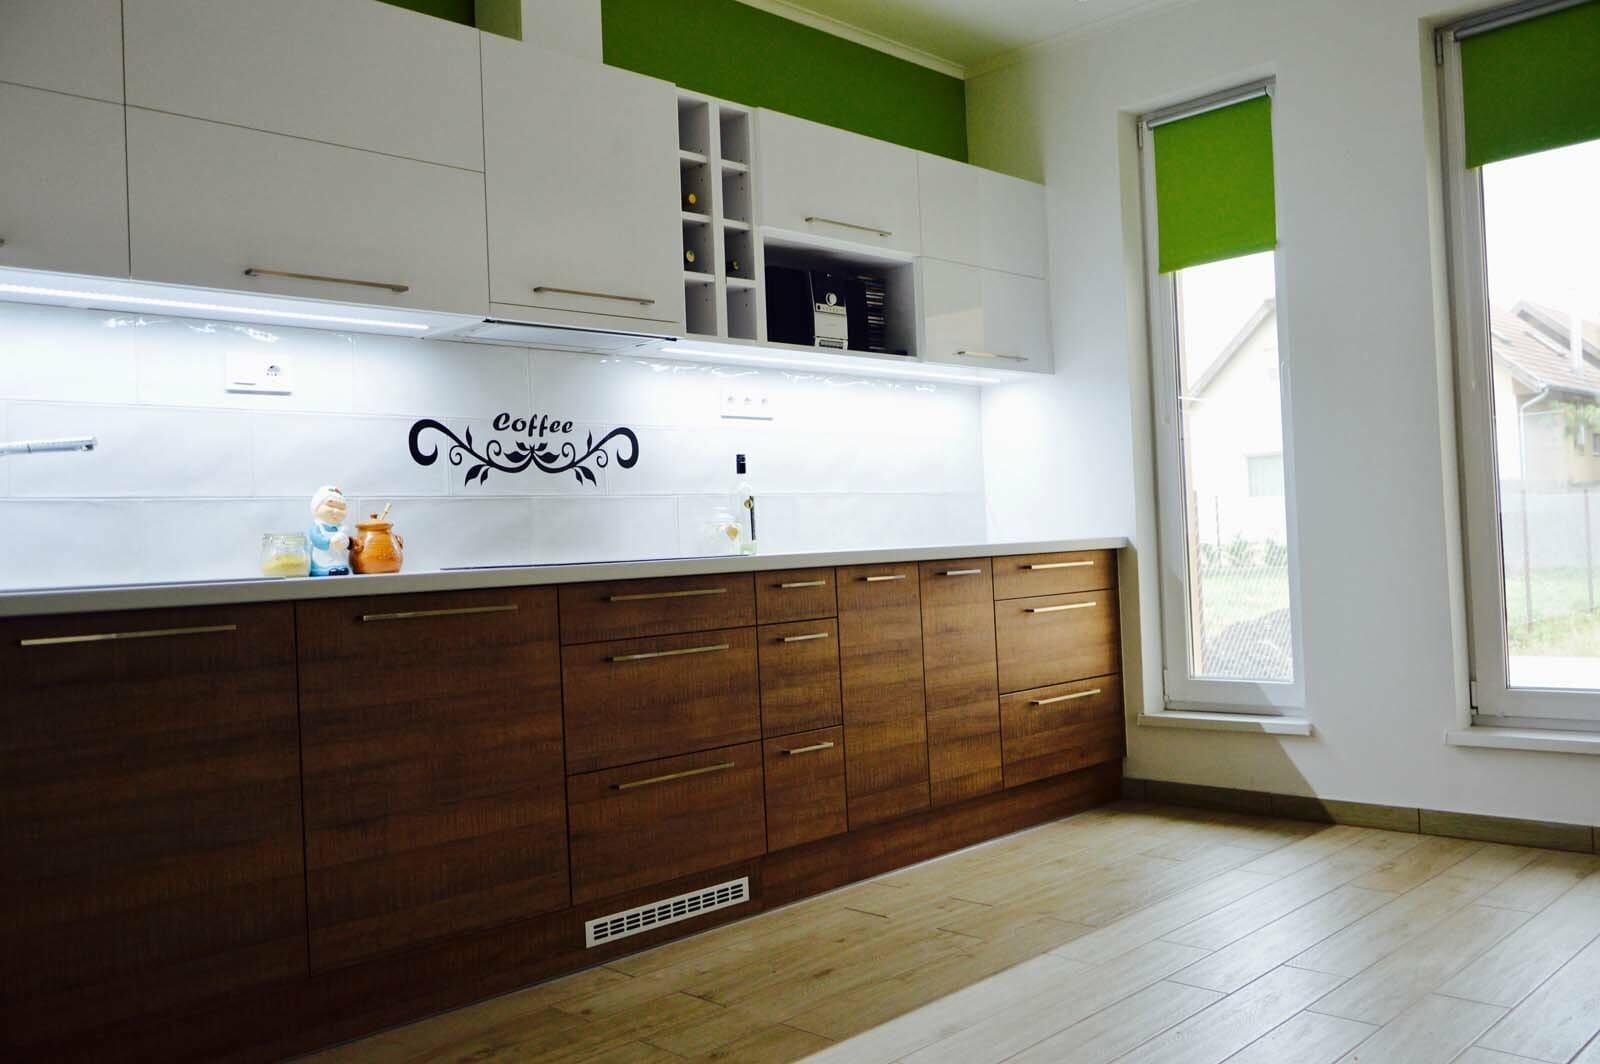 Egyedi konyhabútor készítés magasfenyű akril felső elemekkel, fa alsó elemekkel, rejtett LED világítással, blum tandem fiókokkal